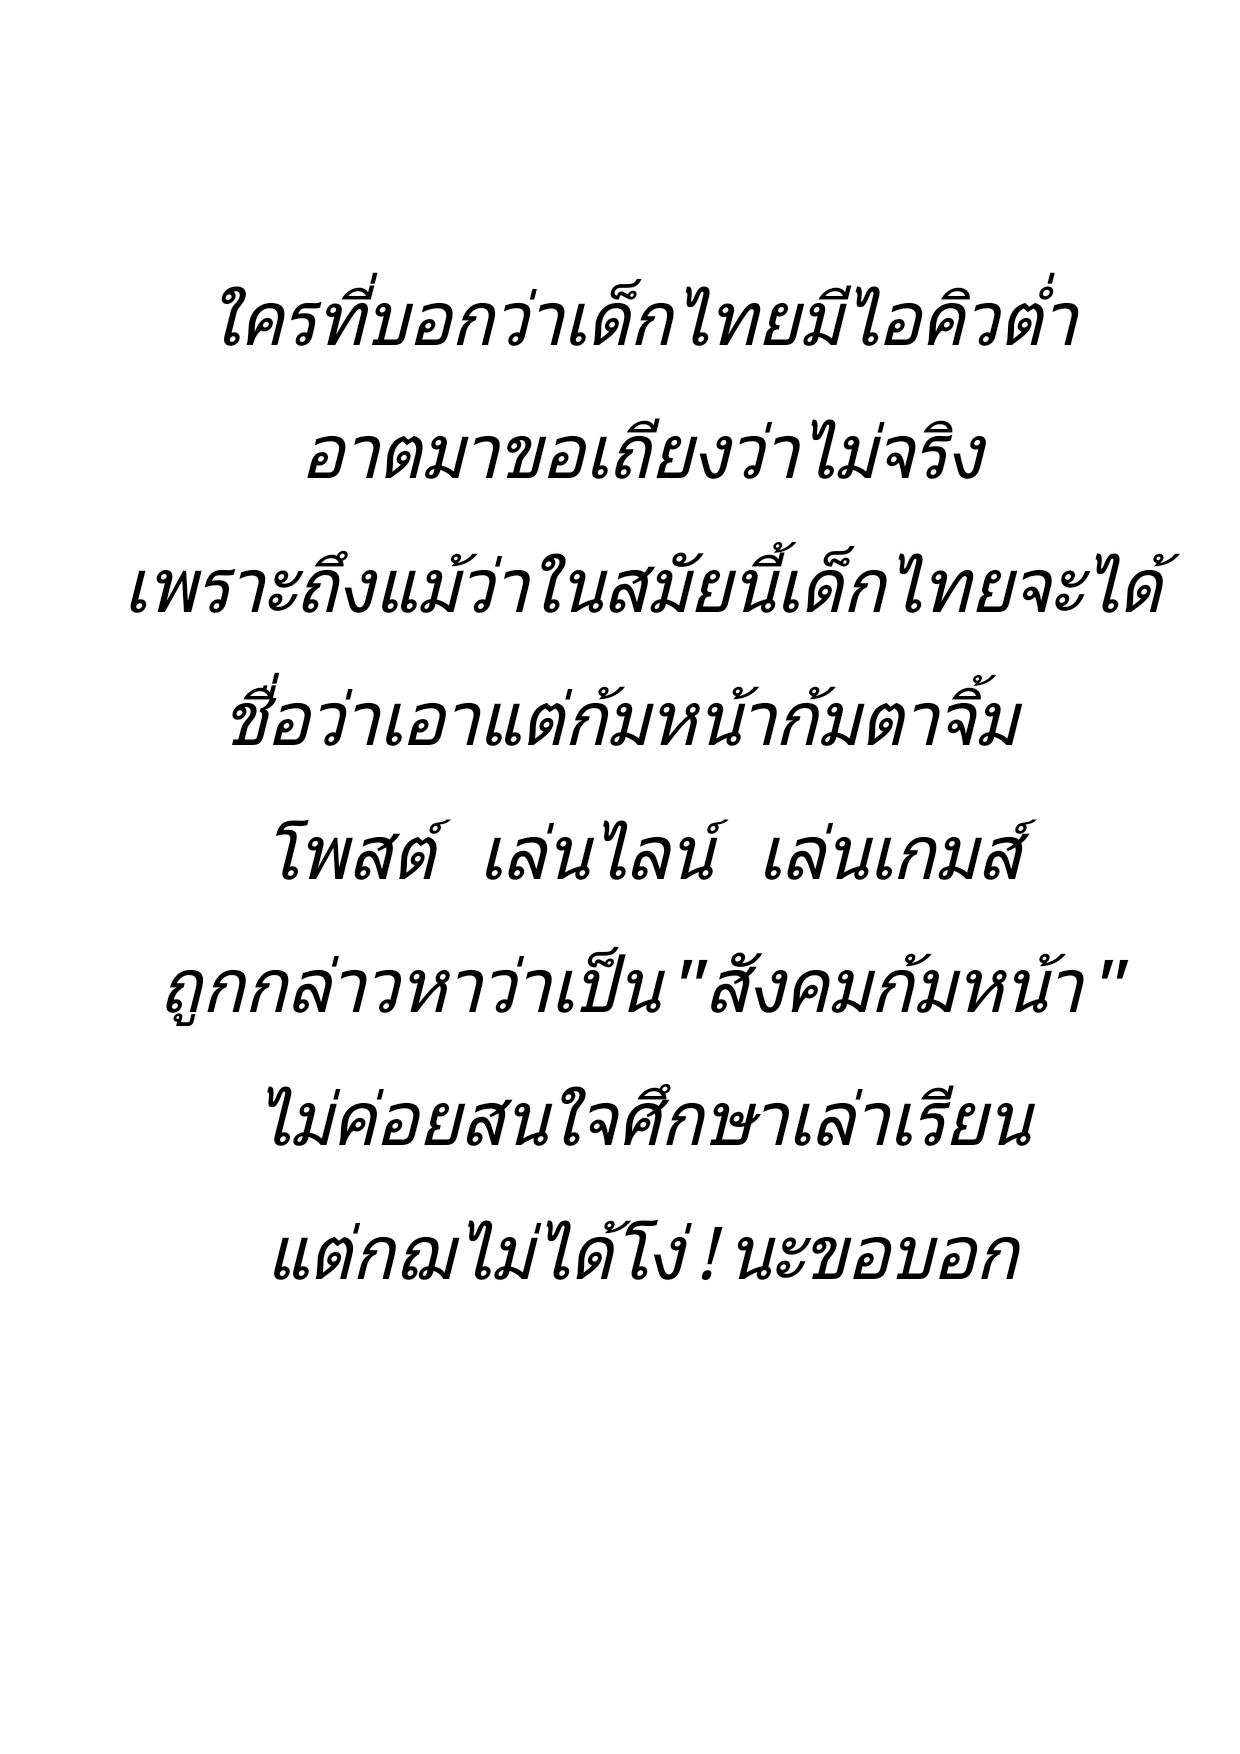 5 - เด็กไทยไม่ได้โง่นะ(1)